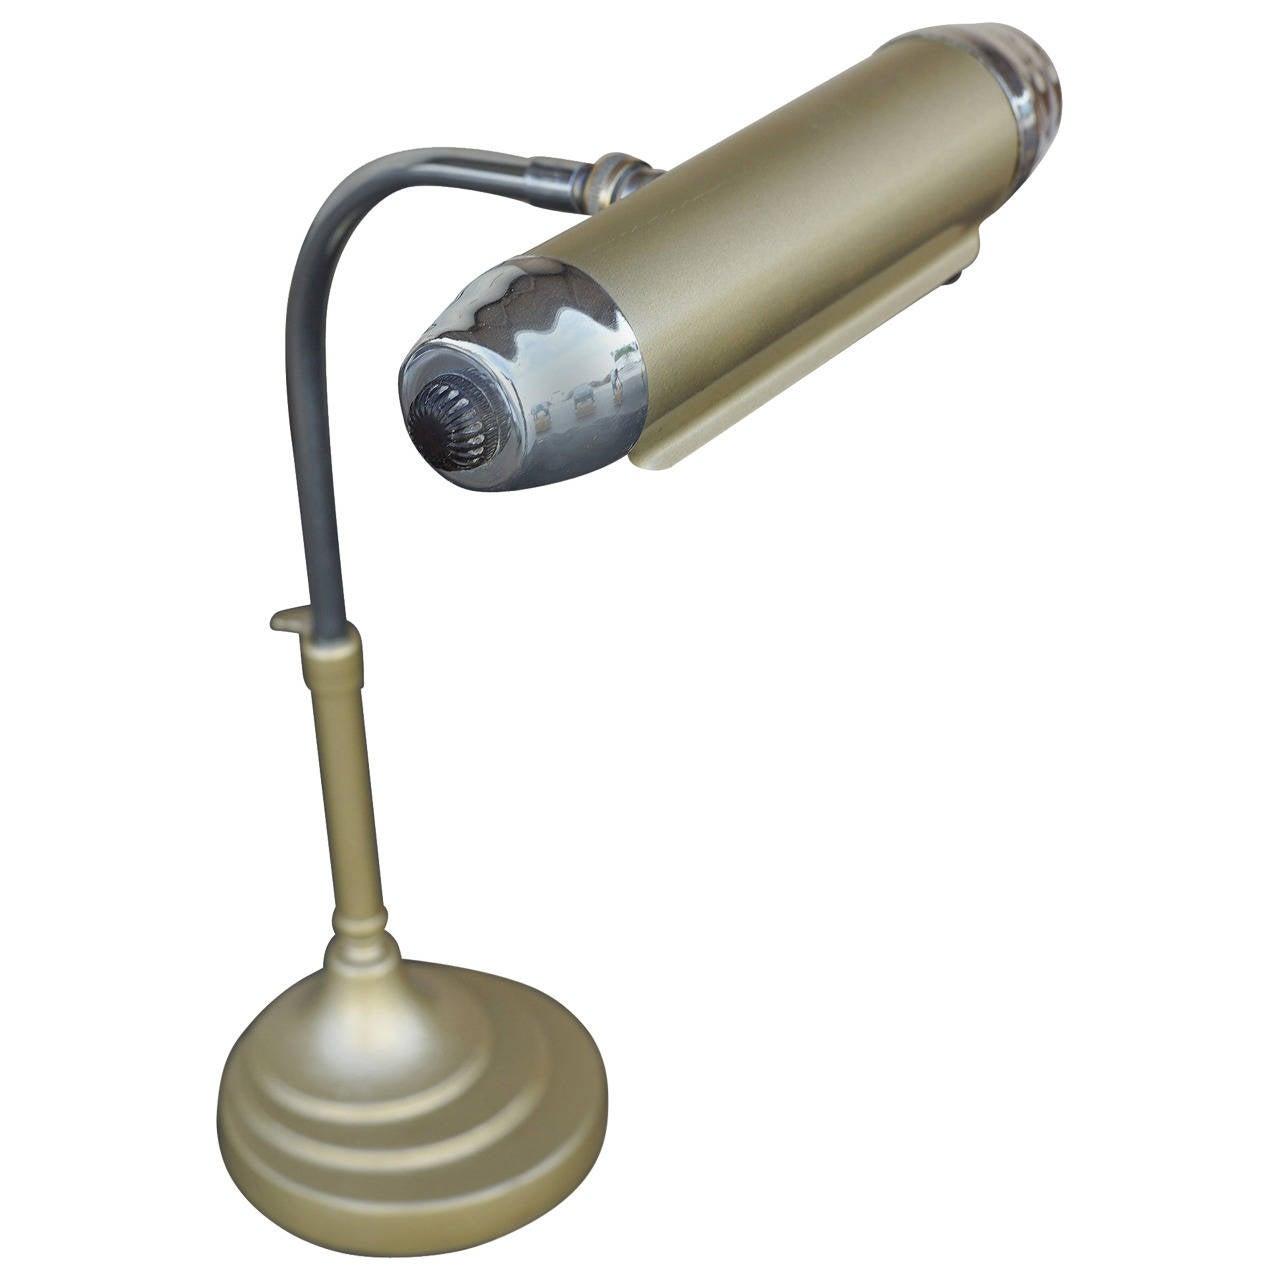 Enamel and Chromium Streamline Bankers Desk Lamp